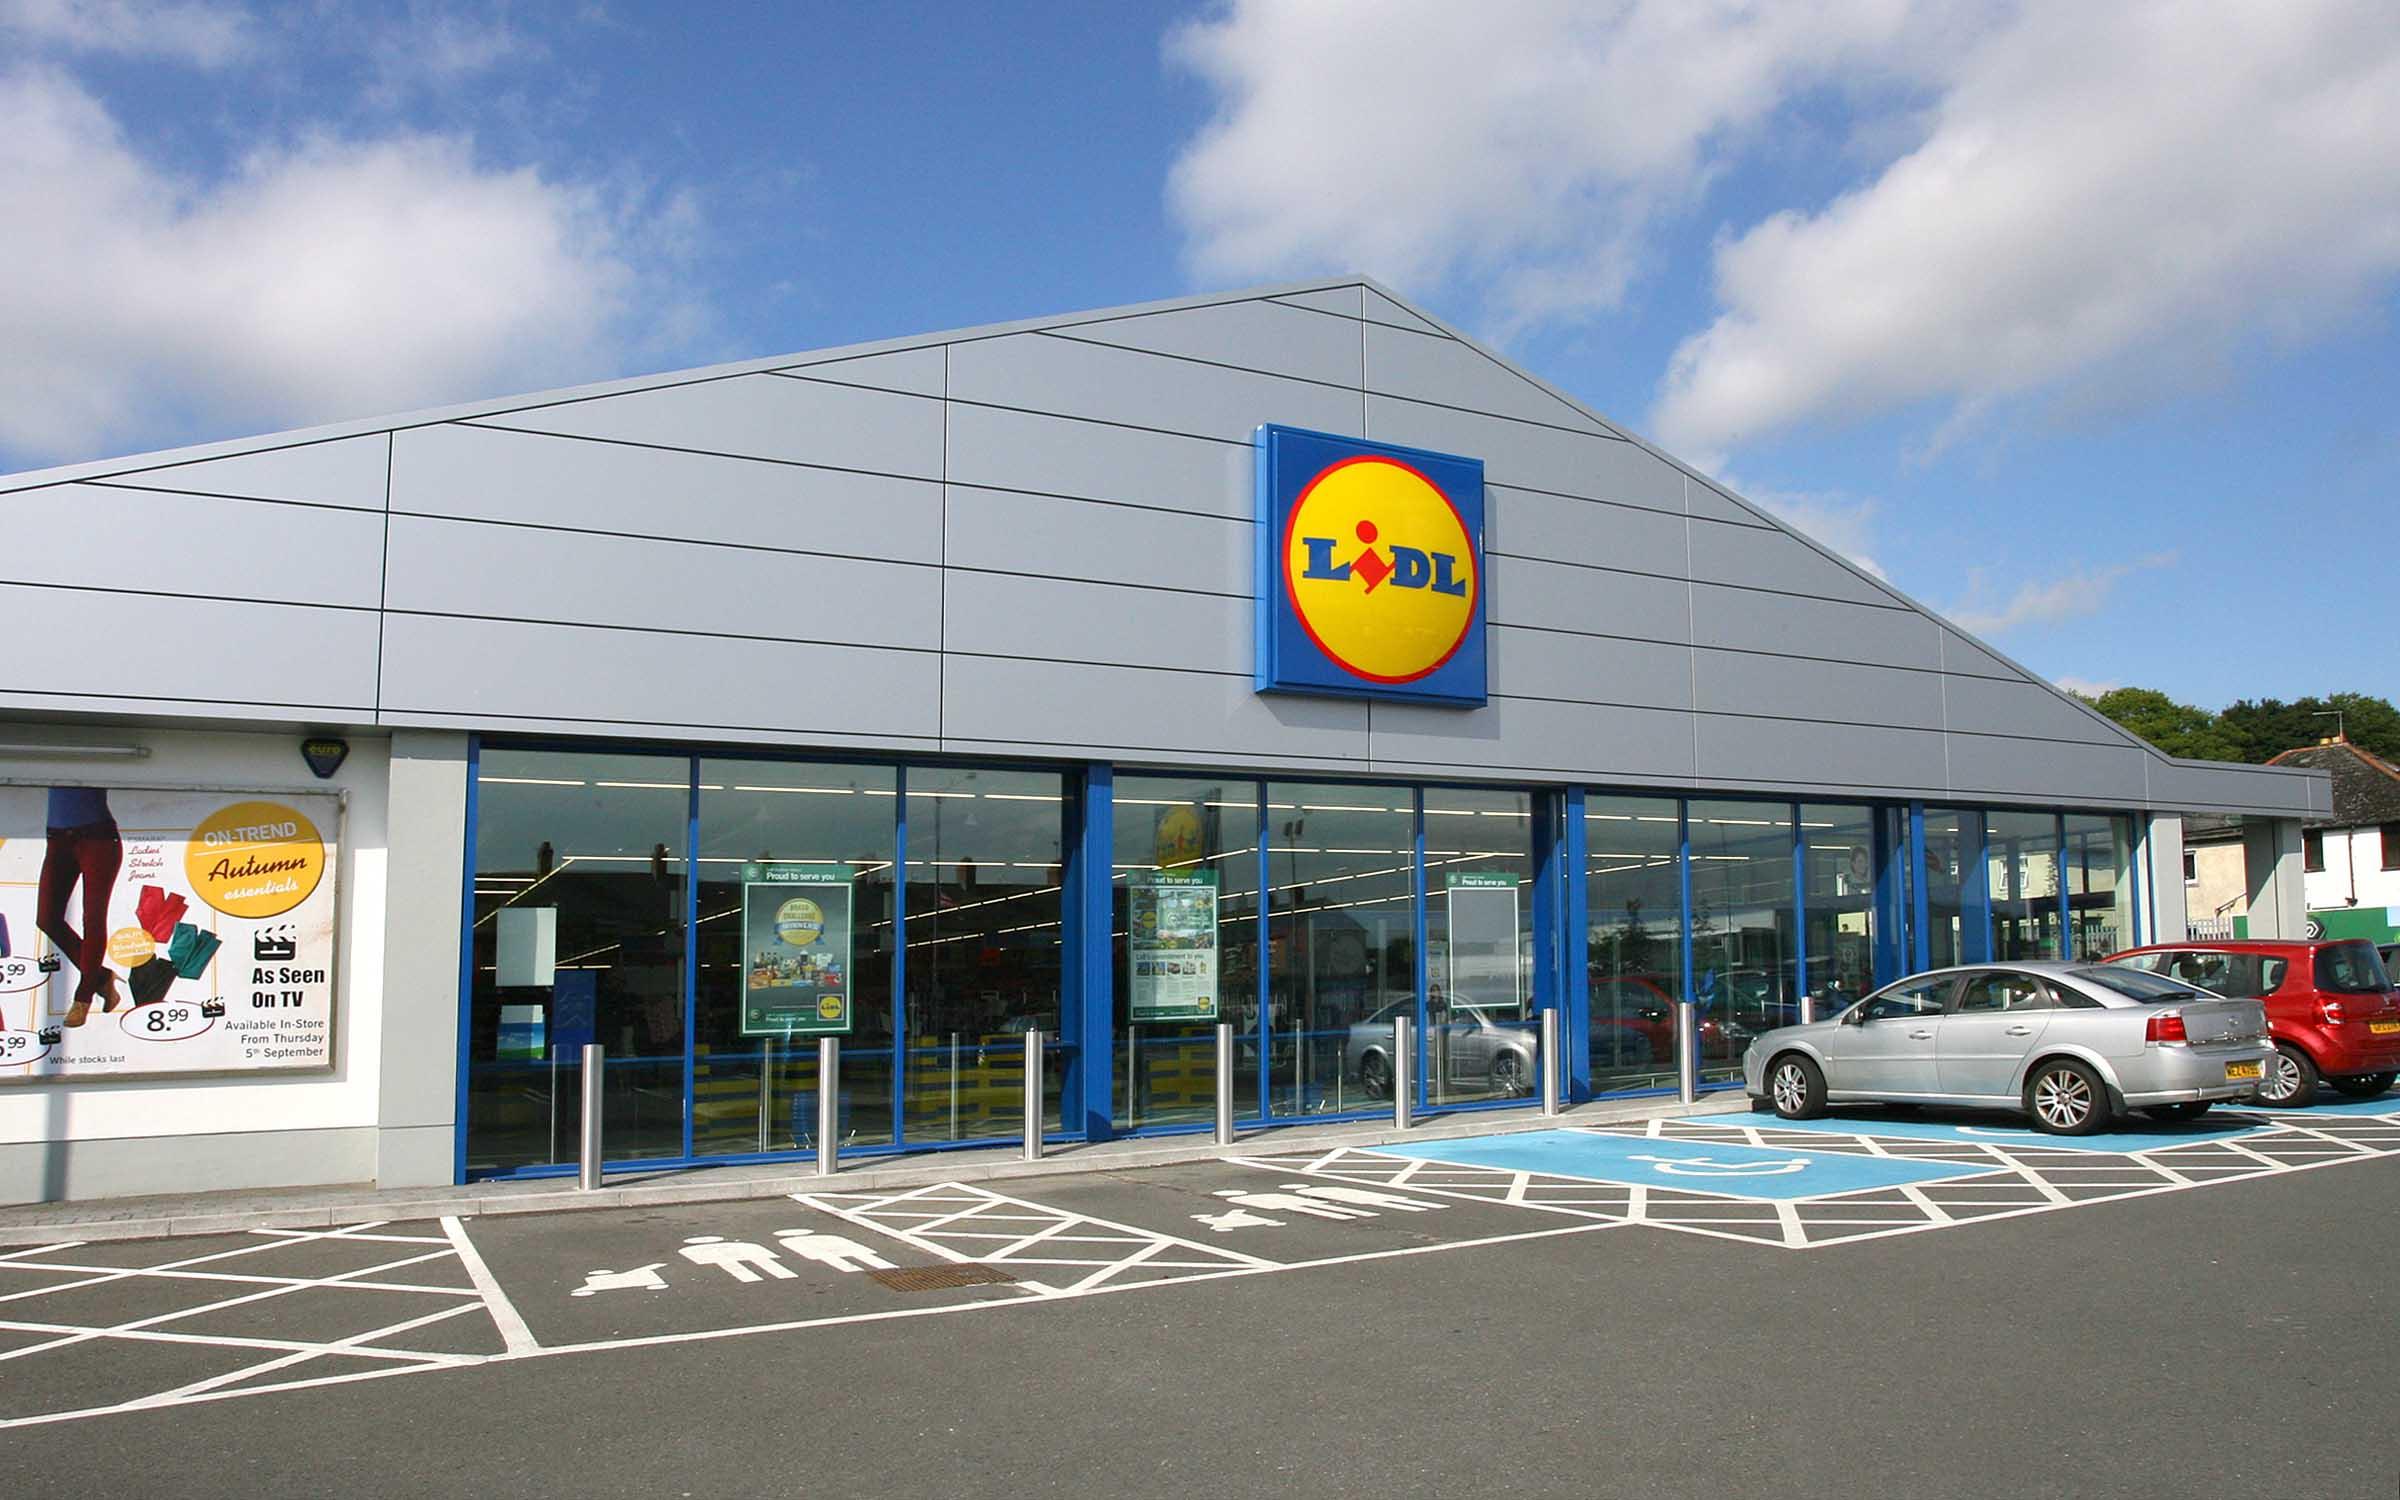 Nuovi posti di lavoro nei supermercati Lidl La famosa catena tedesca di discount assume periodicamente nuovo personale in tutta Italia e ha recentemente